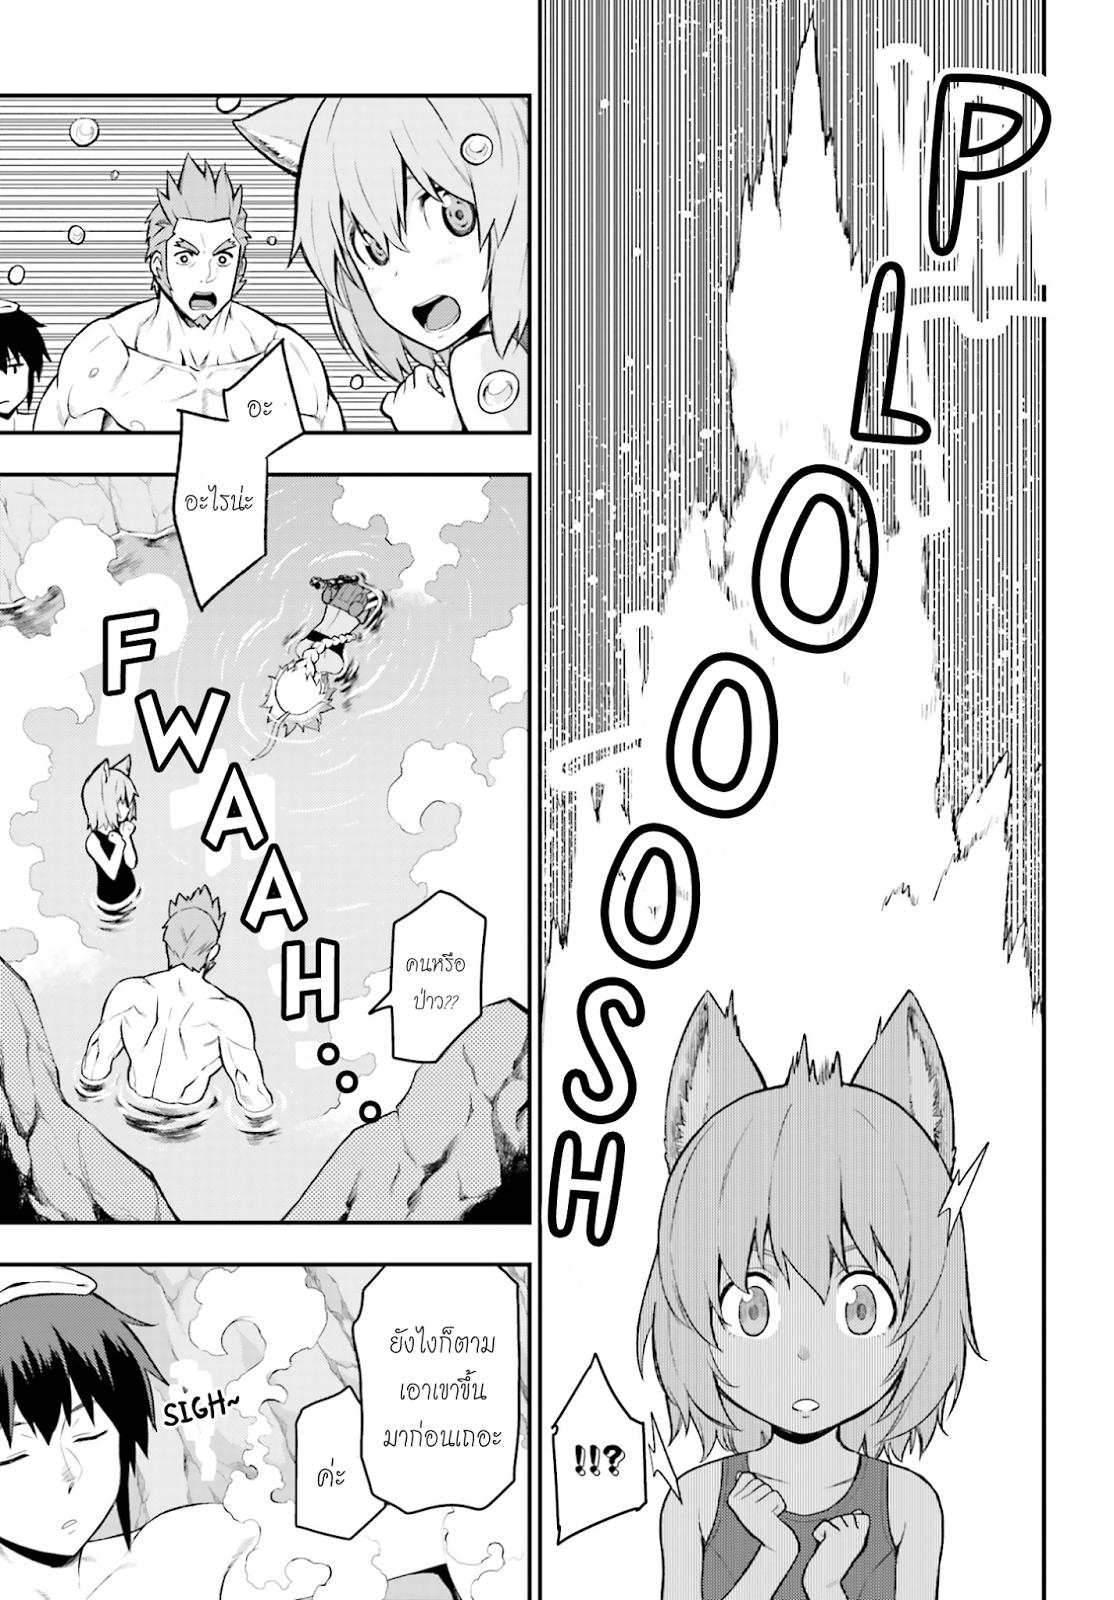 อ่านการ์ตูน Konjiki no Word Master 11 ภาพที่ 3